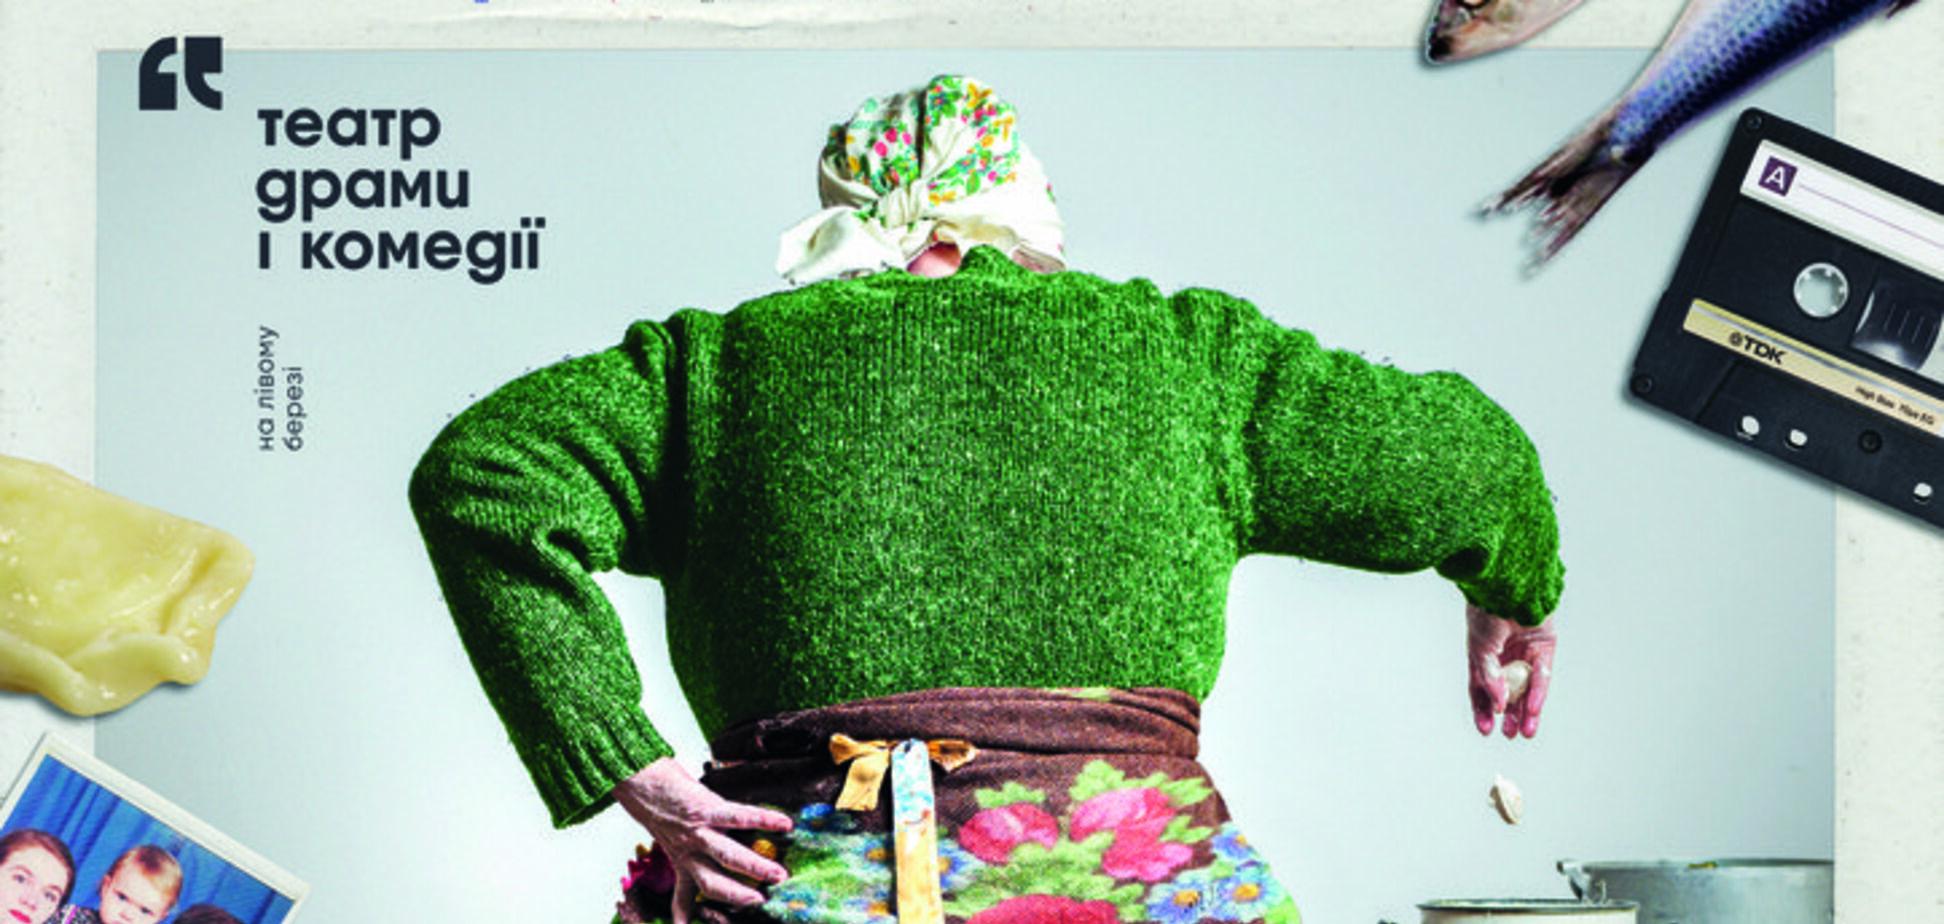 14 и 15 декабря в киевском театре на левом берегу состоится премьера спектакля 'Семейный альбом'